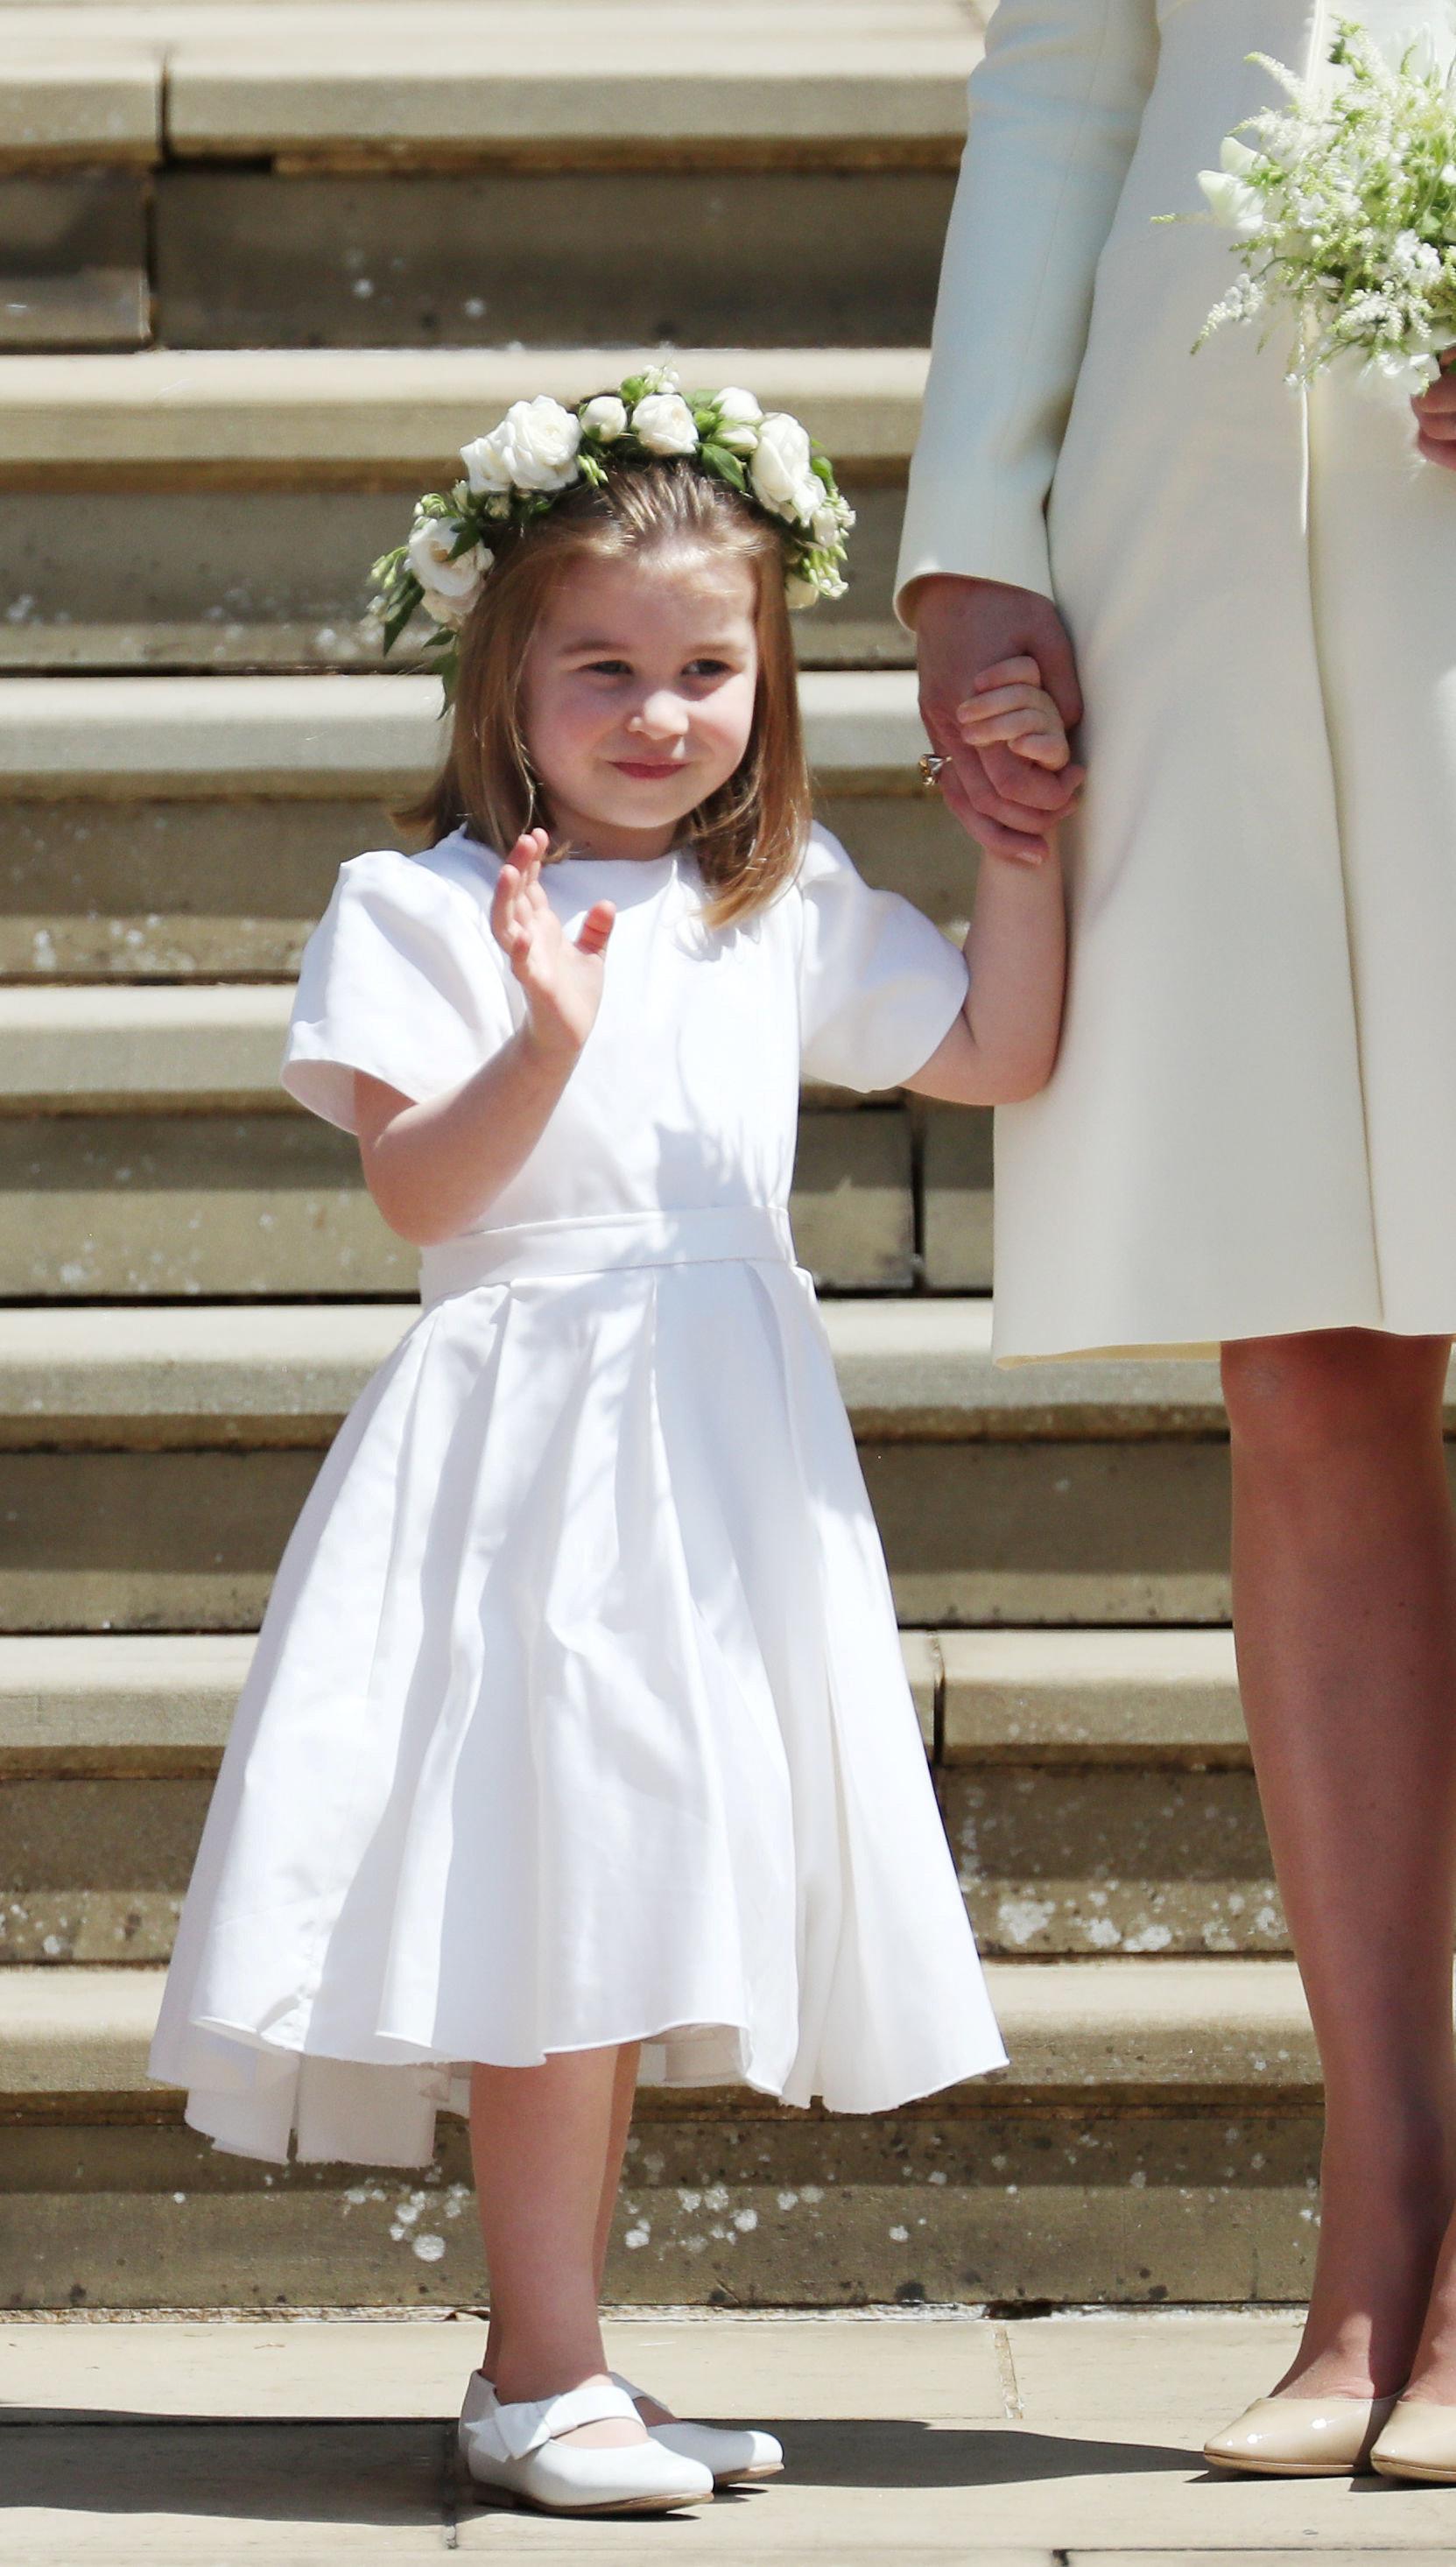 해리 왕자 결혼식에서 모두의 시선을 사로잡은 두 아이 (화보)